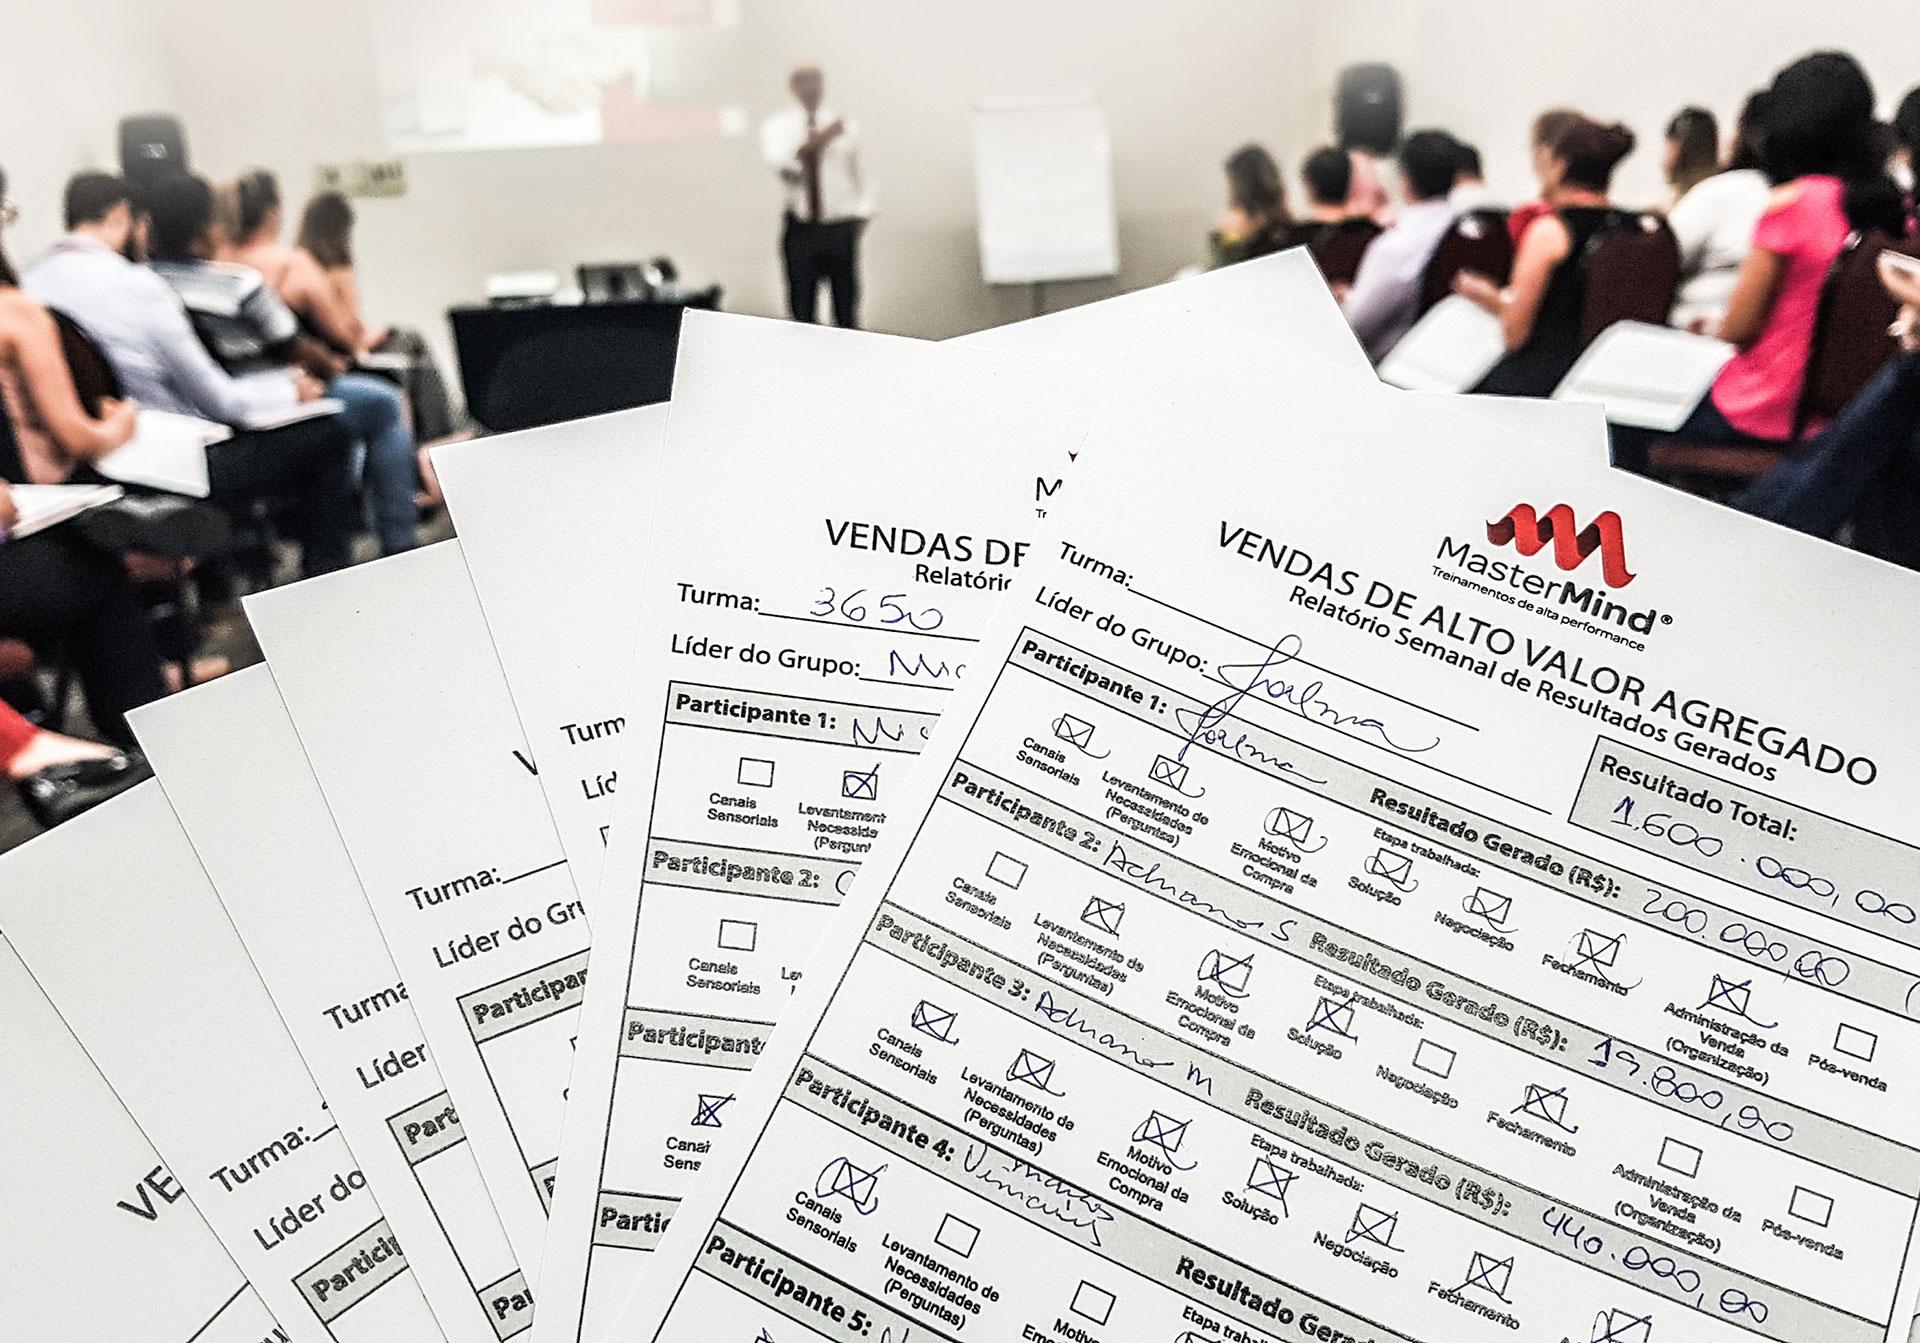 https://mastermindcampinas.com.br/wp-content/uploads/2018/04/treinamento_vendas_campinas.jpg